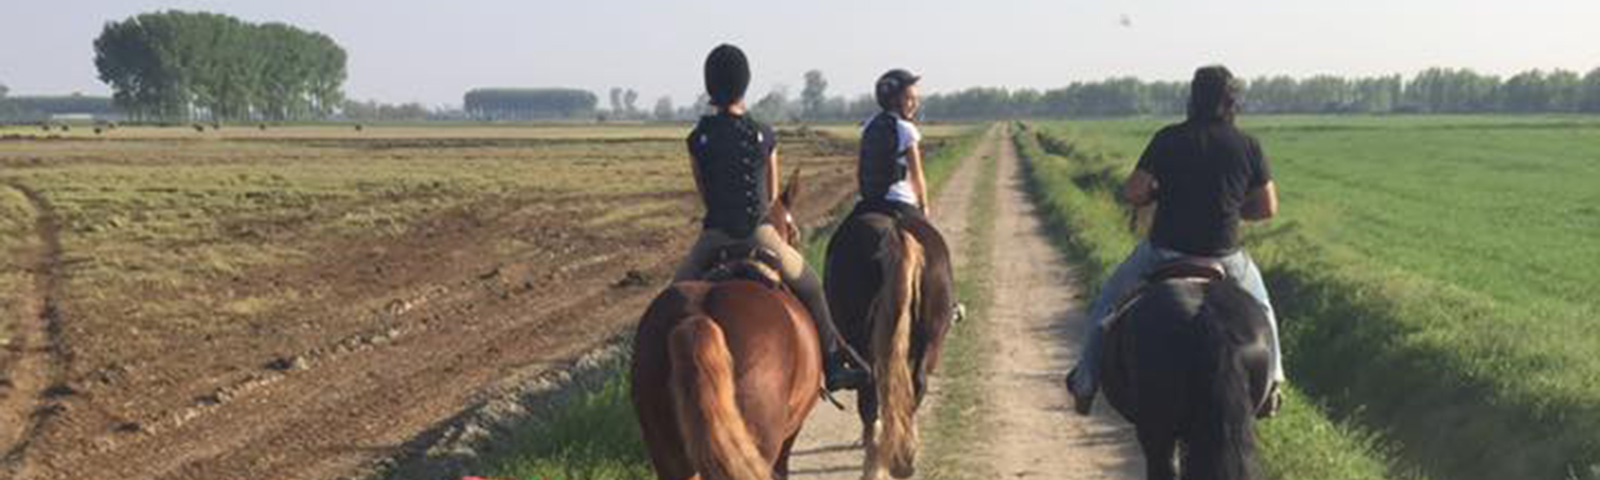 Passeggiate a cavallo in lomellina sulla via Francigena Novara Milano Pavia